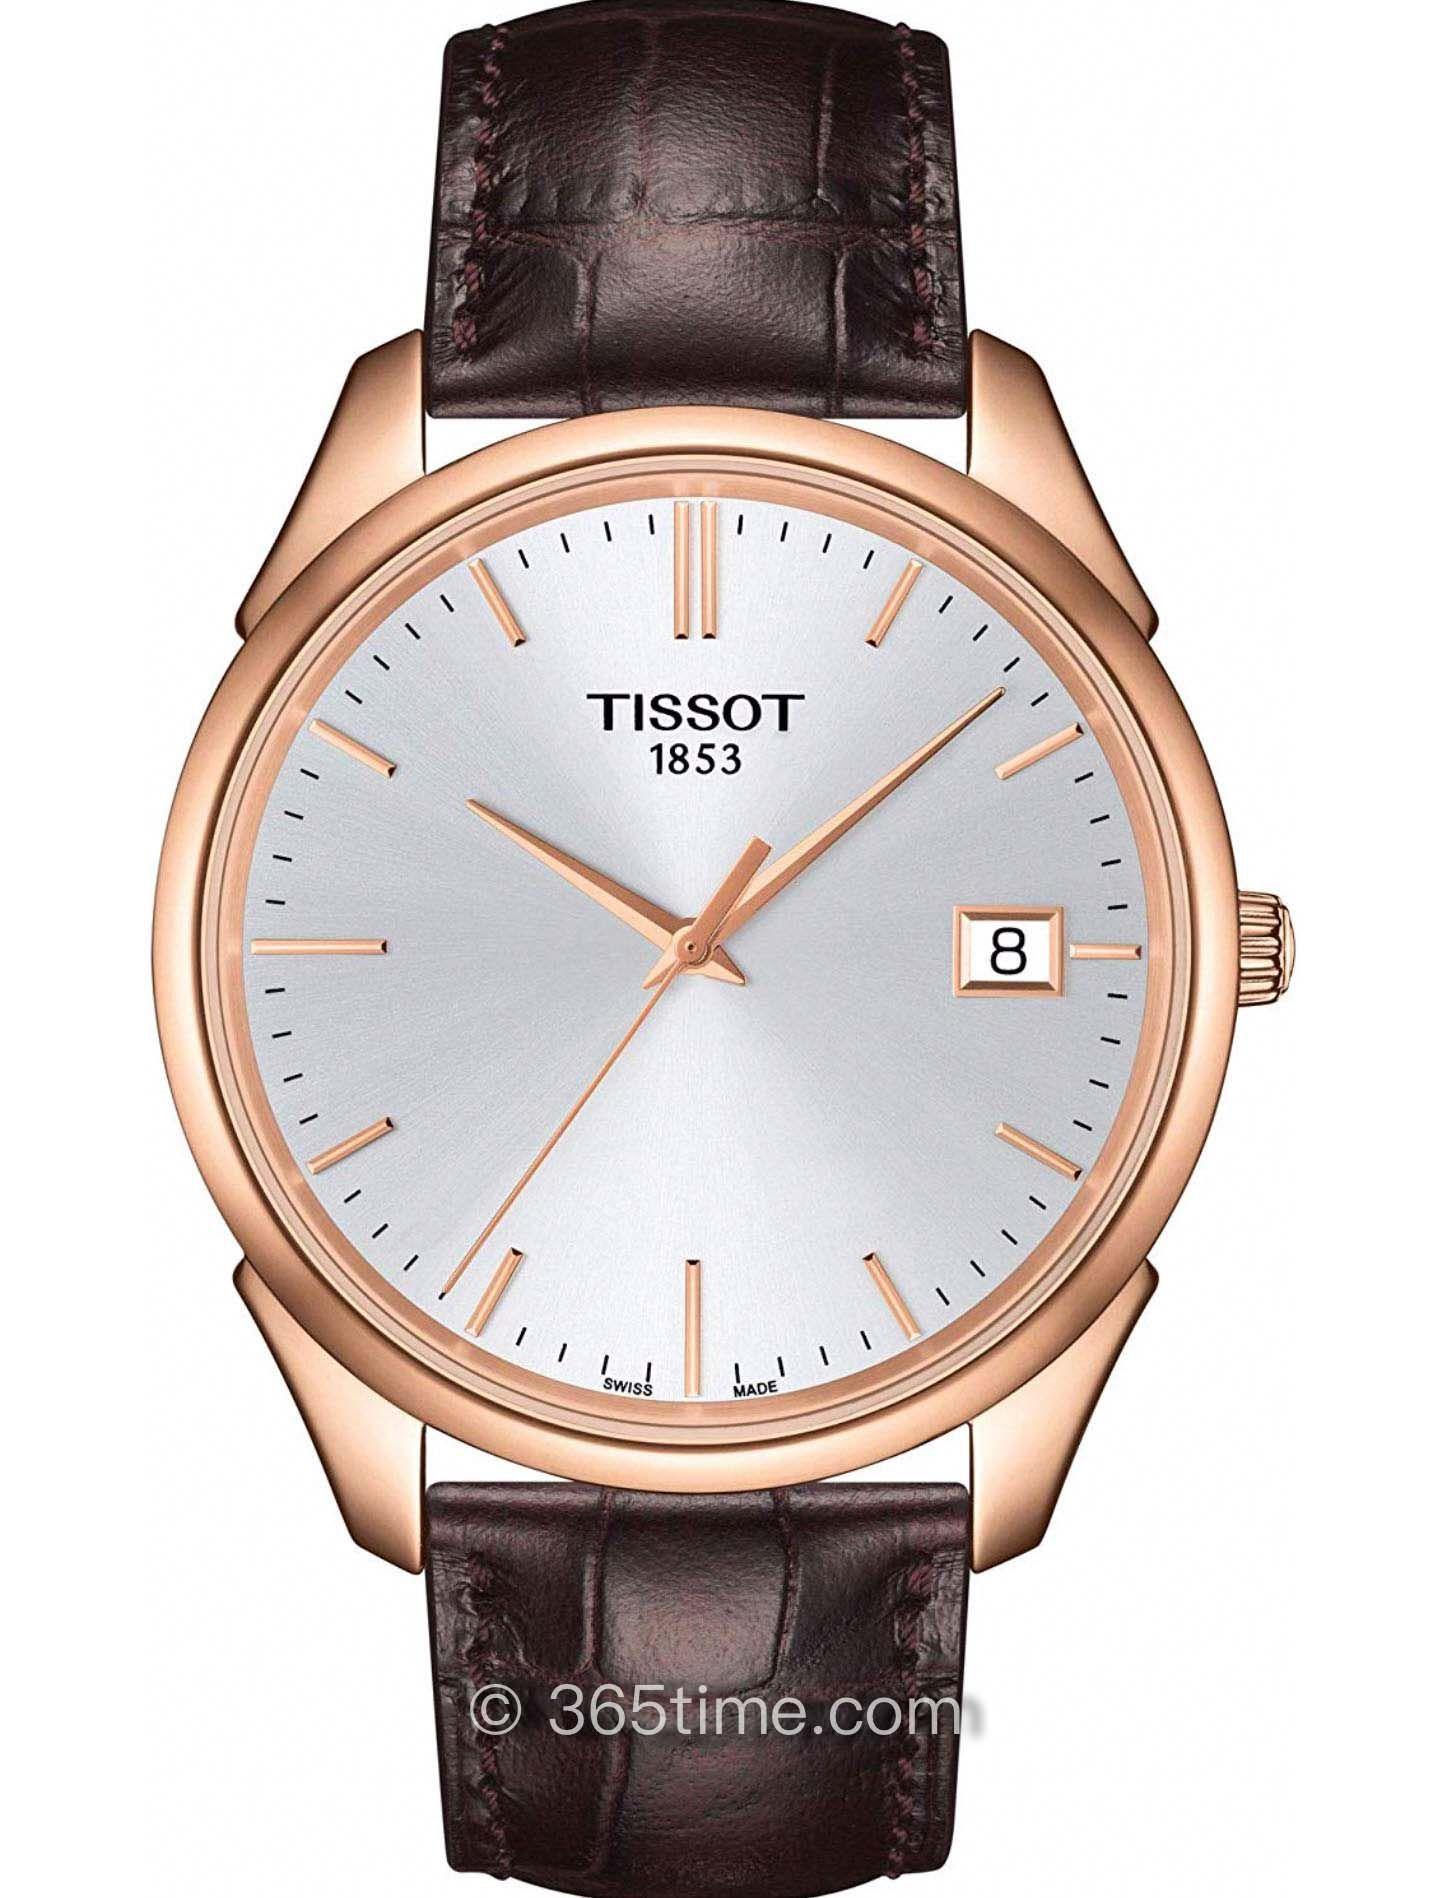 TISSOT天梭速驰系列NBA球队特别款腕表T920.410.76.031.01